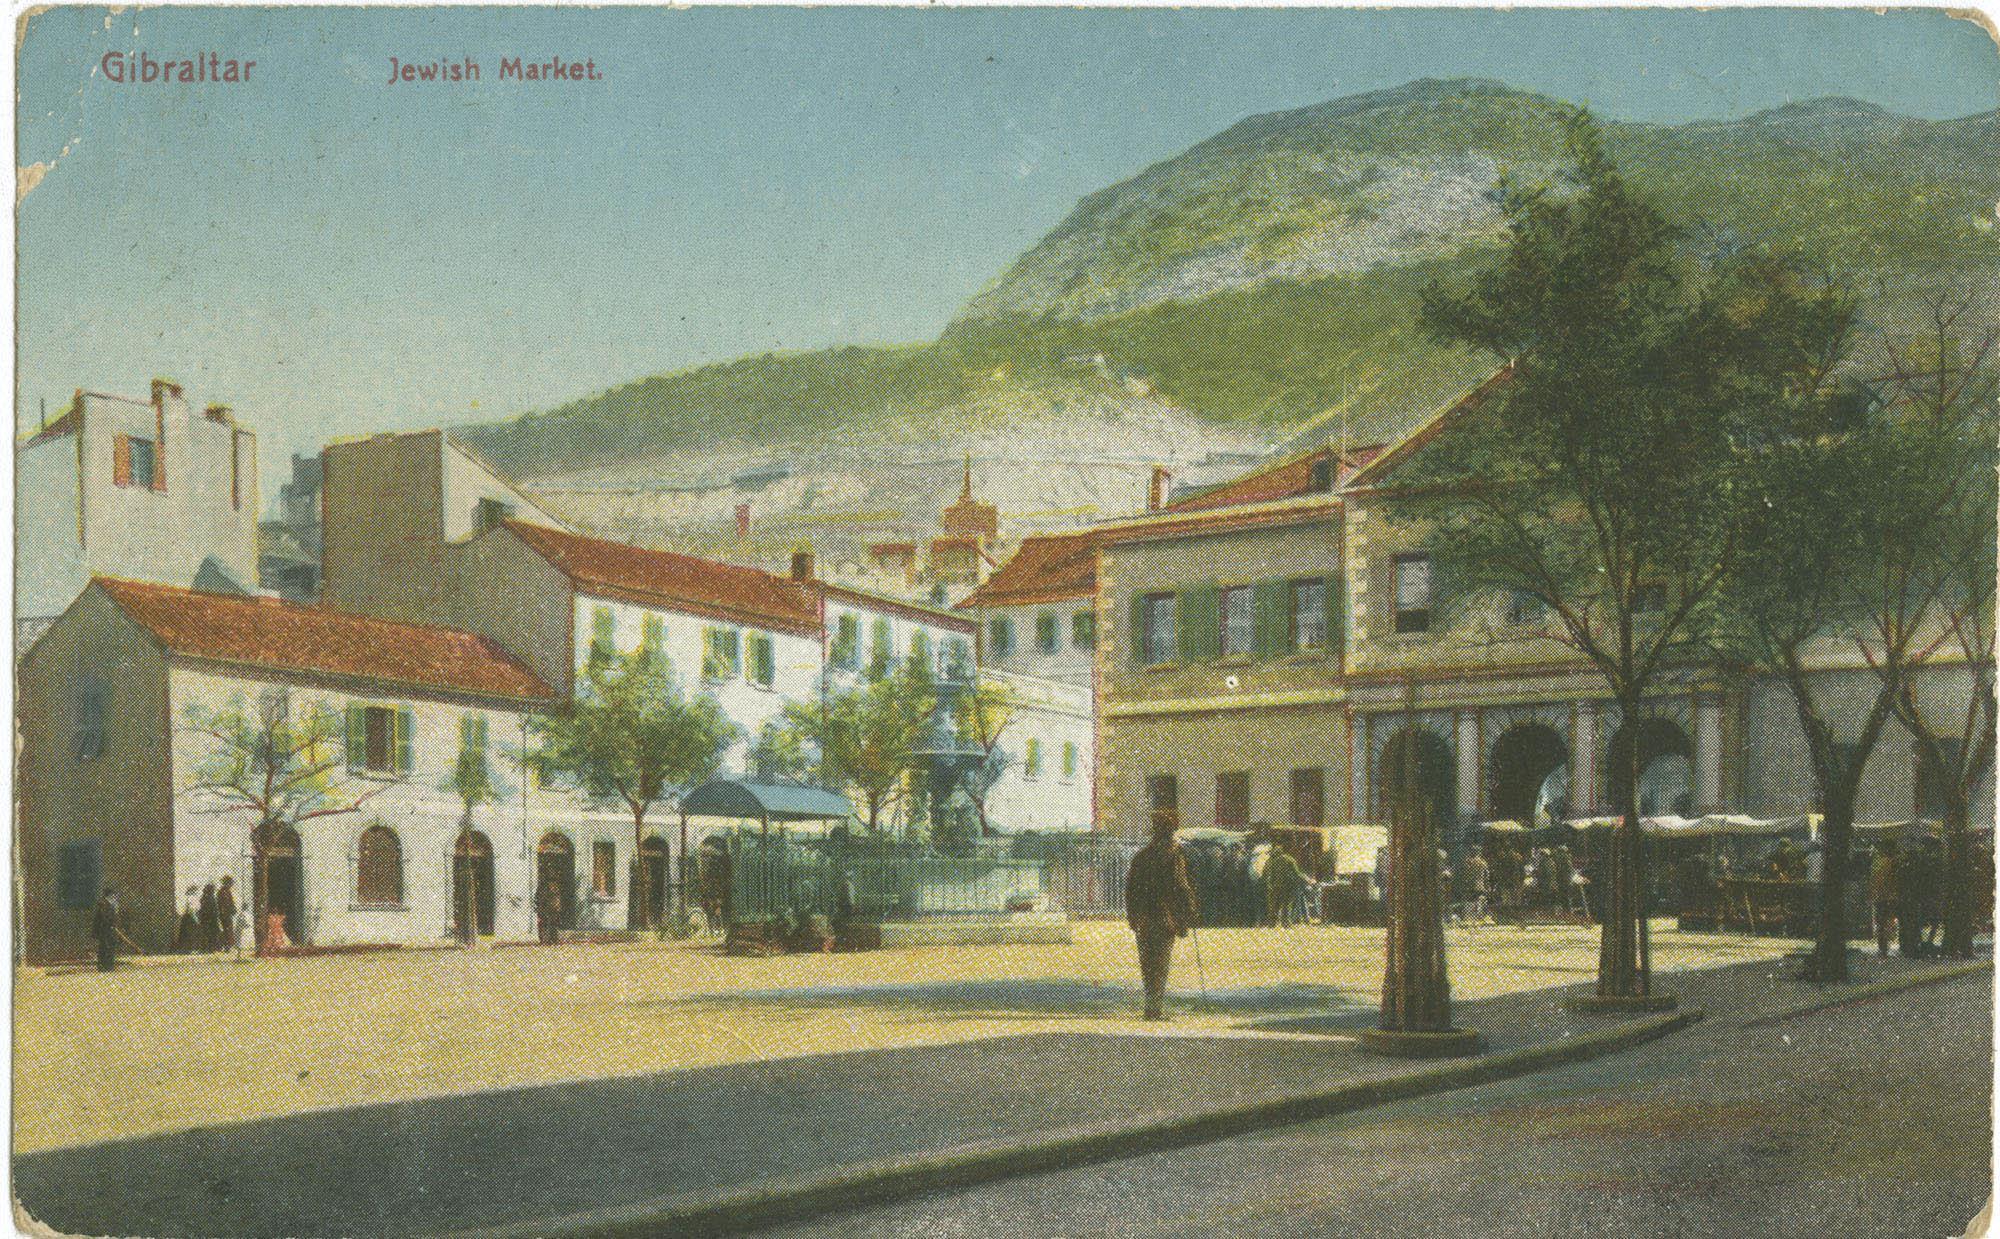 Gibraltar, Jewish Market